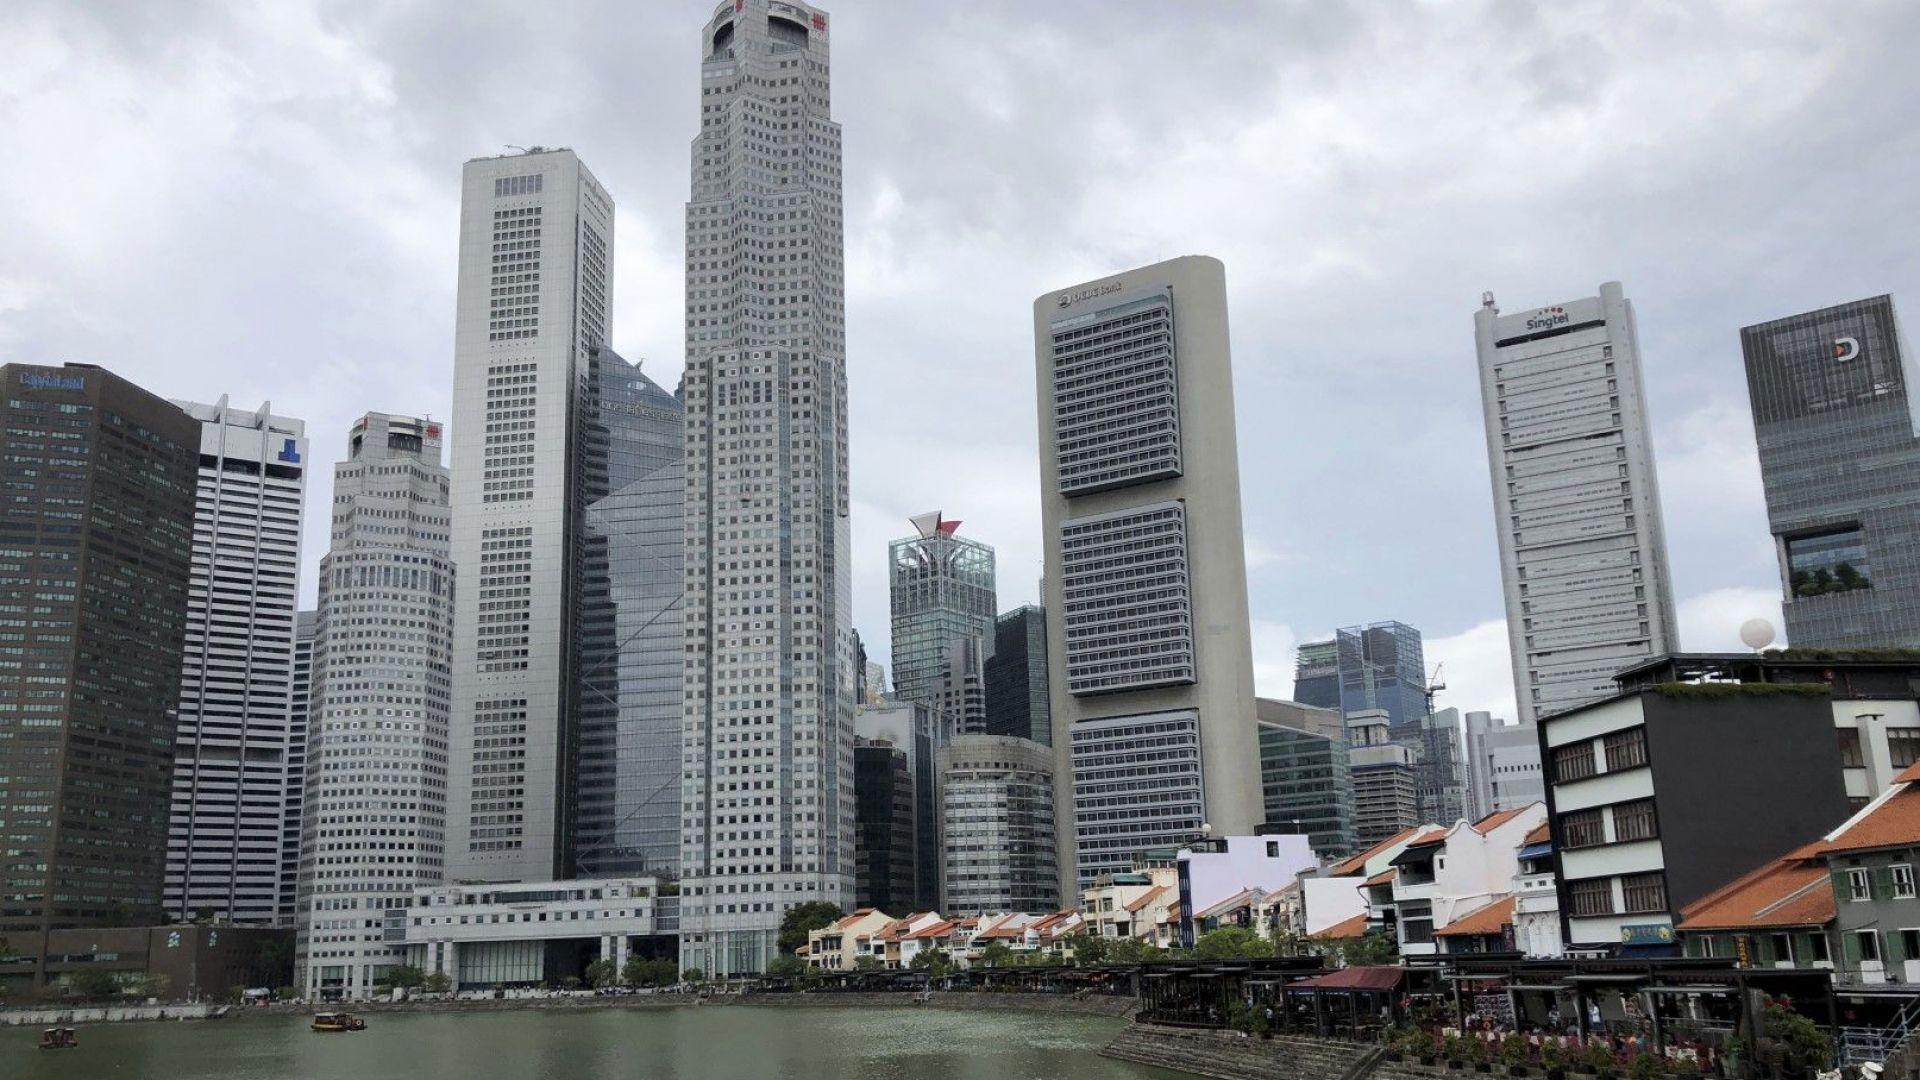 Защо Сингапур бе избран за домакин на срещата на върха между Доналд Тръмп и Ким Чен-ун